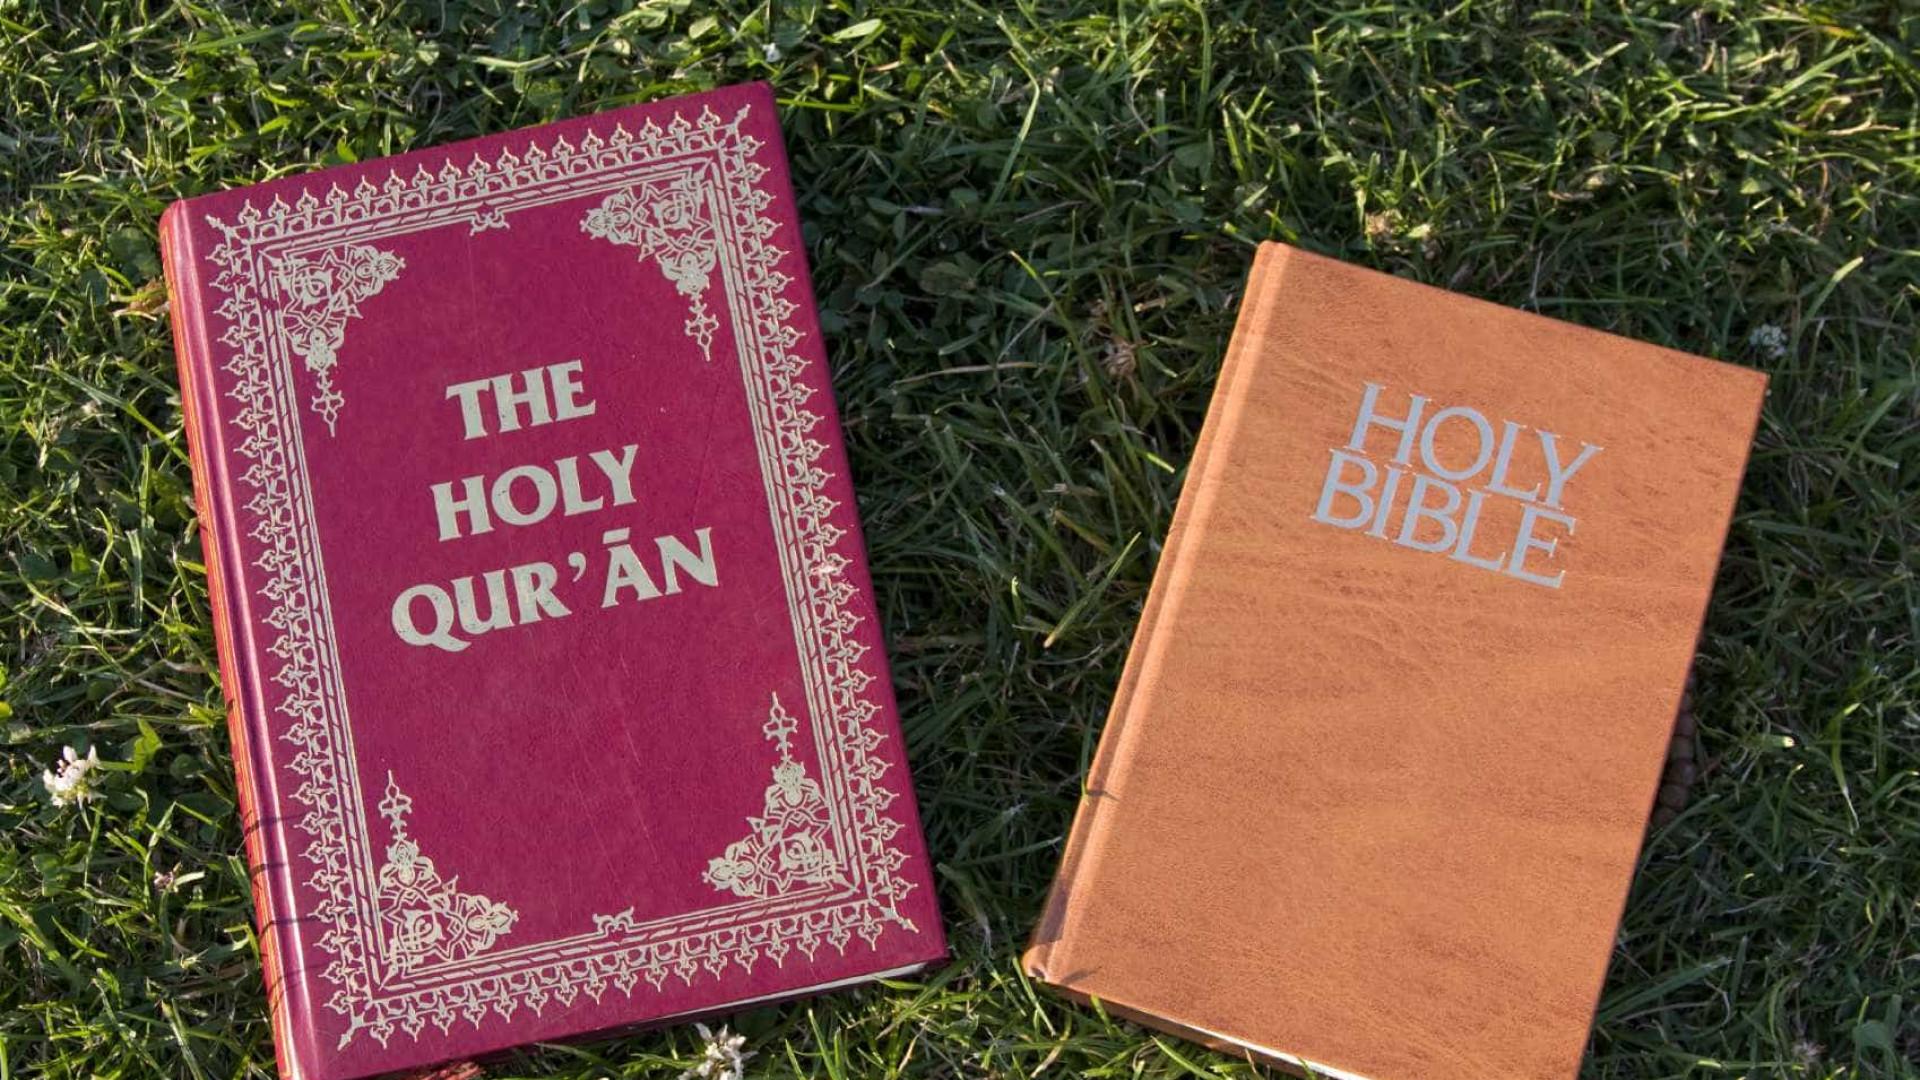 Jovens que insultaram Virgem Maria condenados a aprender partes do Corão